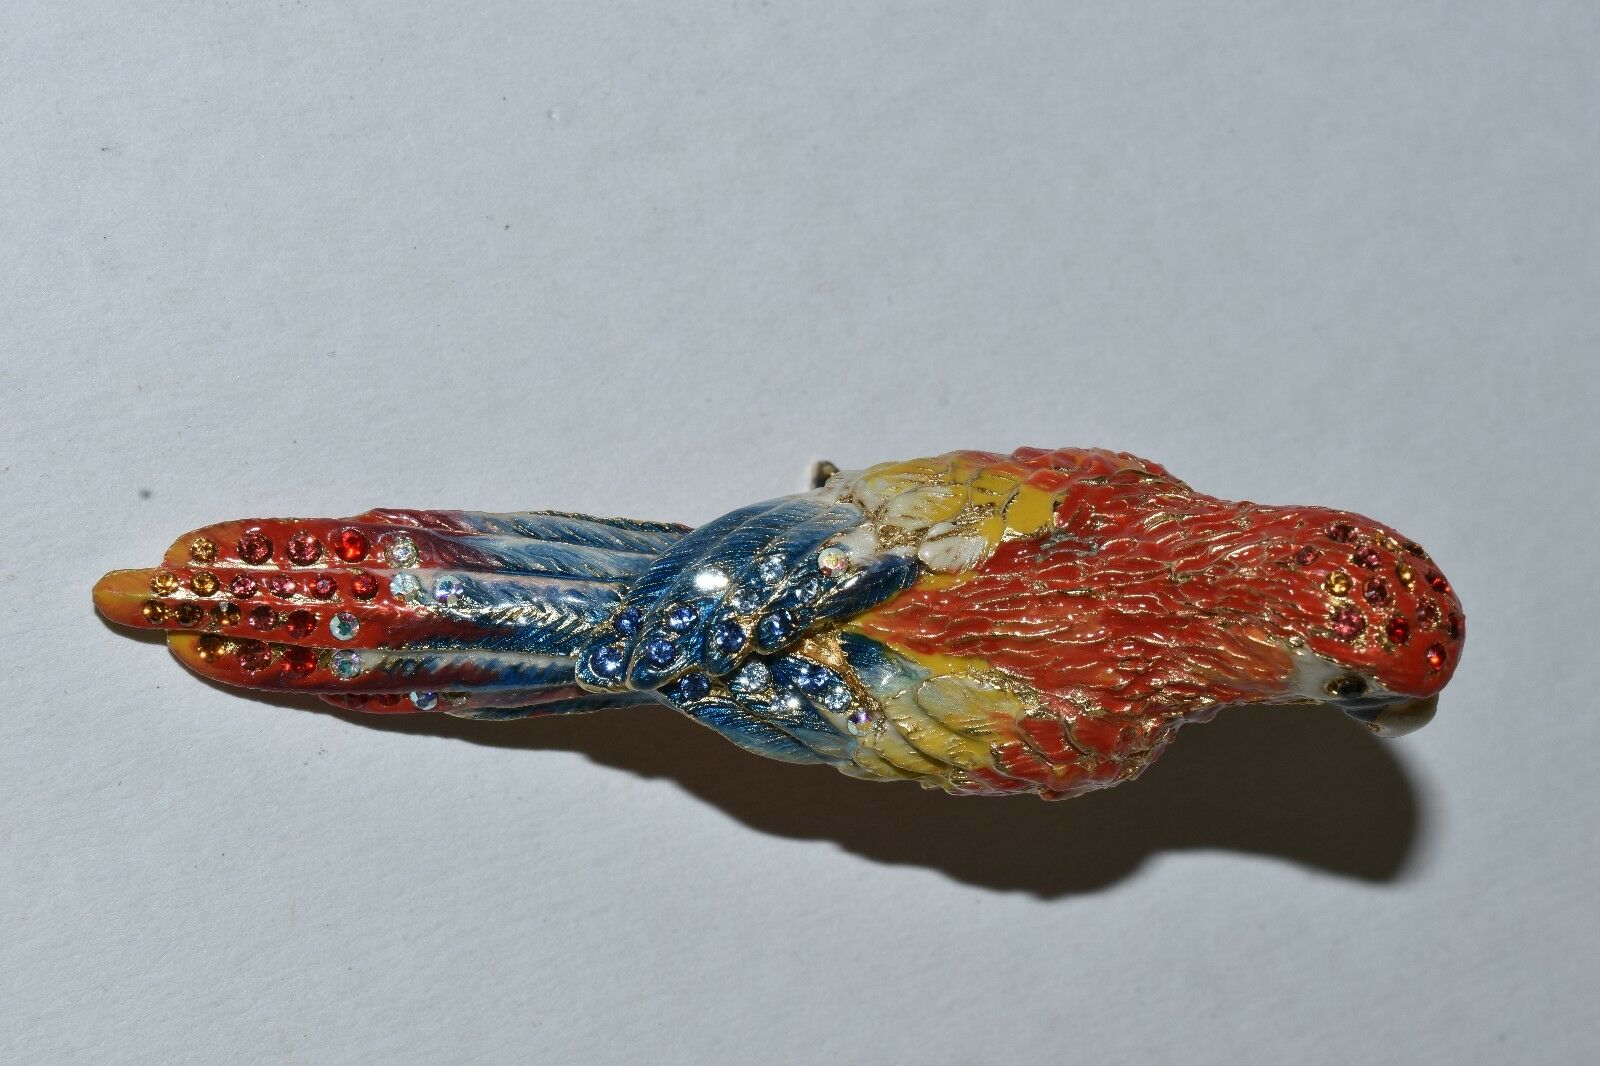 Neuf Jay Strongwater Pablo Perroquet Mini Figurine Figurine Figurine Swarovski Cristaux | Fiable Réputation  | Choix Des Matériaux  | La Qualité Et La Quantité Assurée  7fe0dc